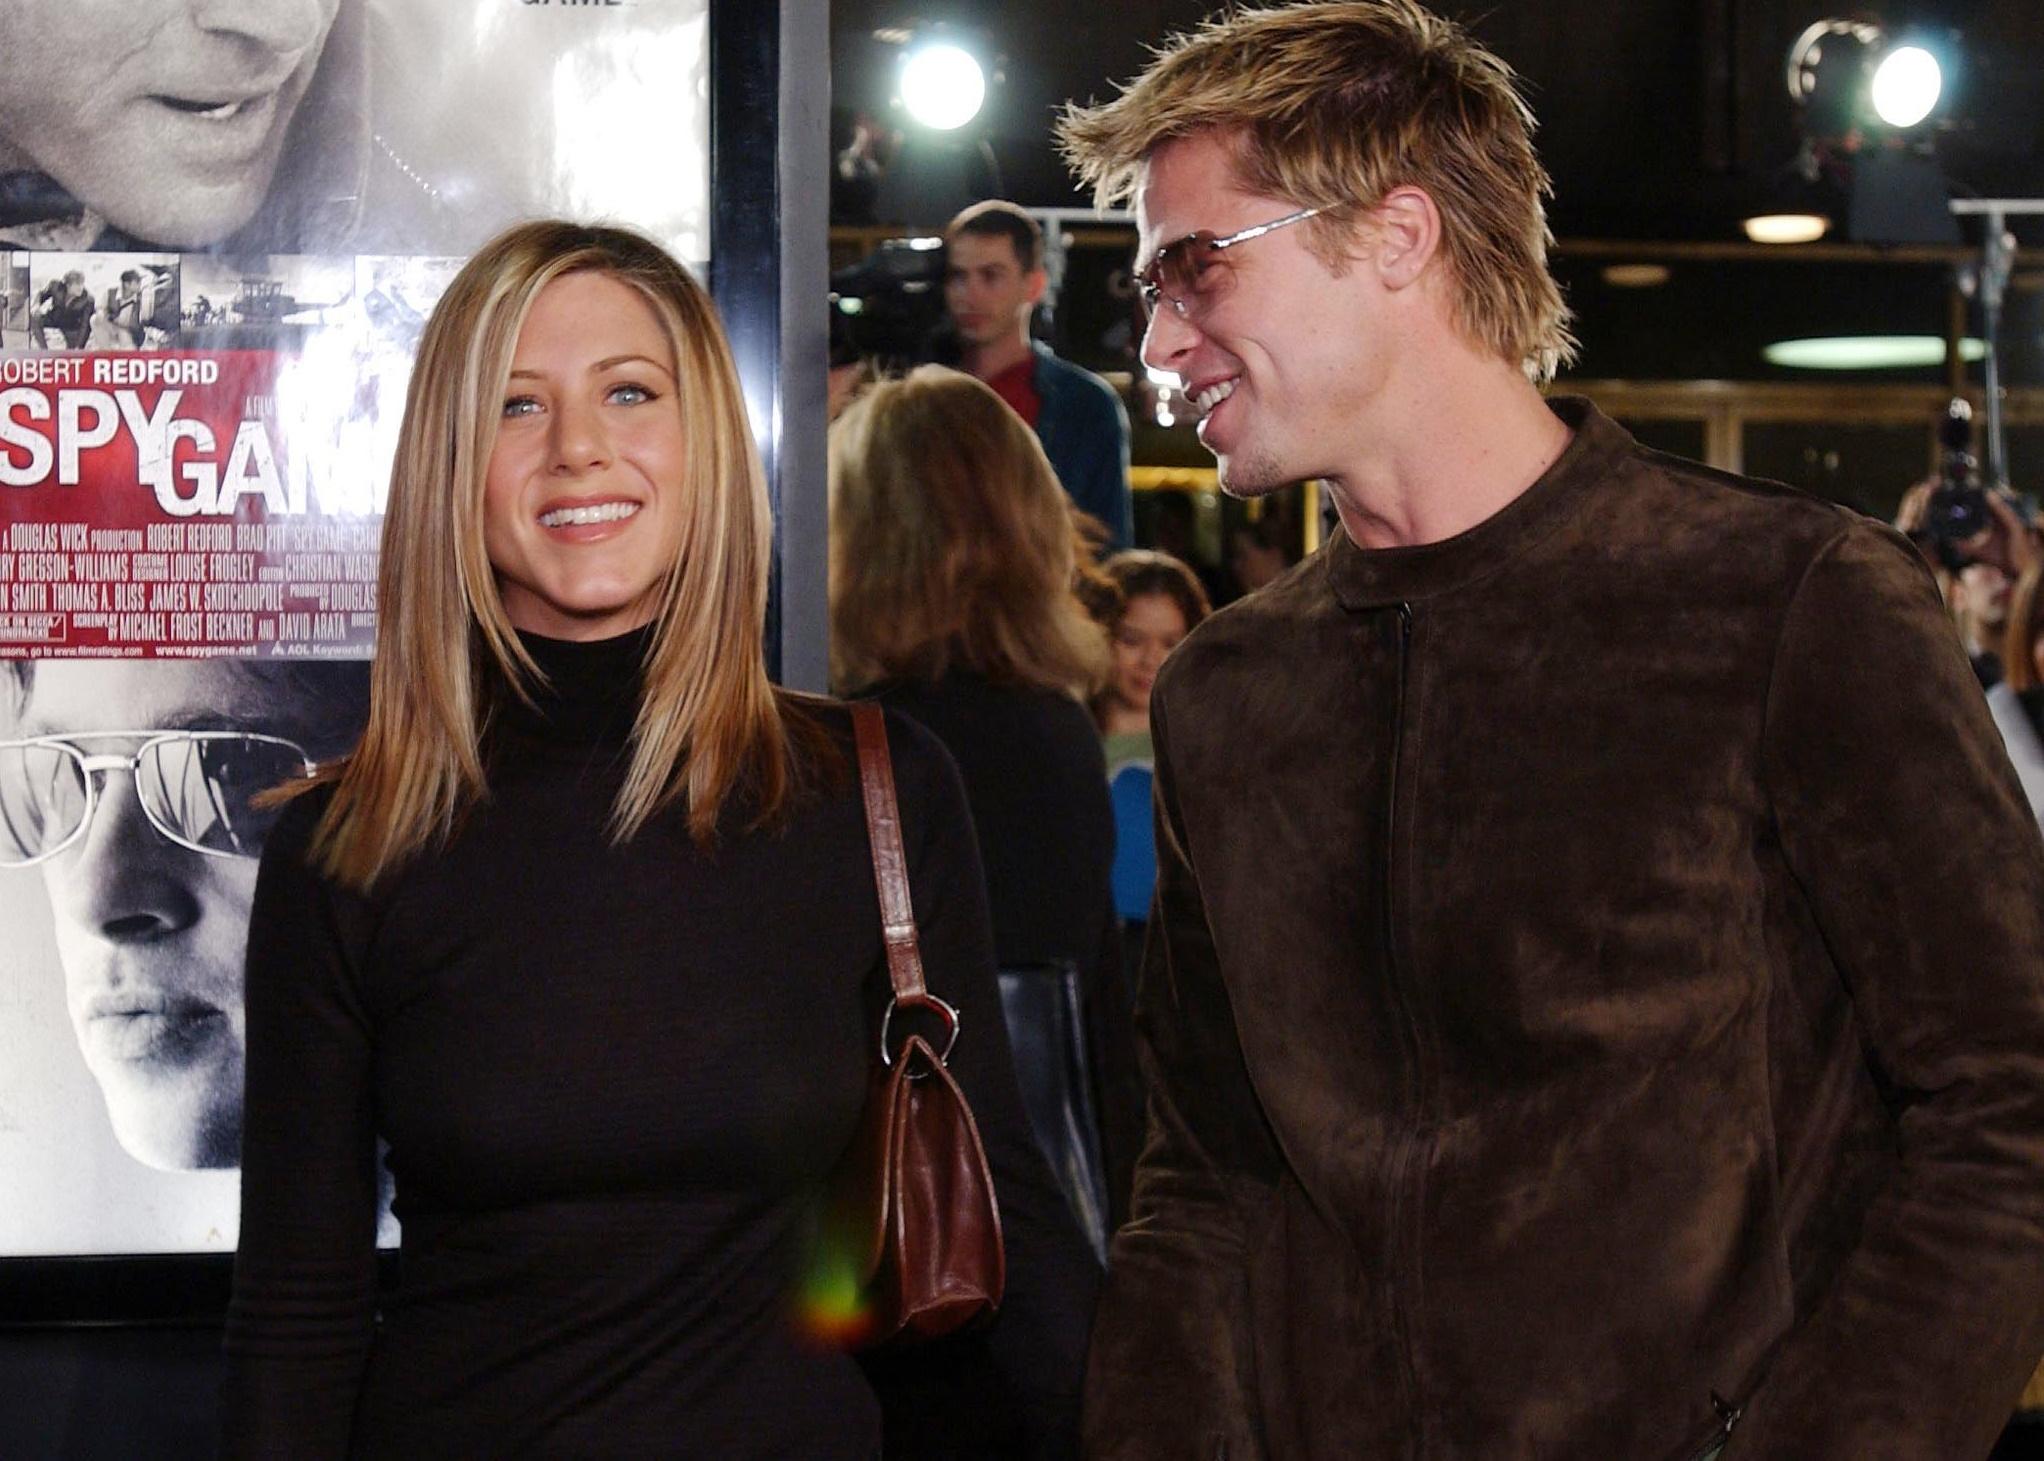 Ο Brad Pitt «κρύβεται» σε selfie της Jennifer Aniston; Φουντώνουν τα σενάρια επανασύνδεσης (pic)